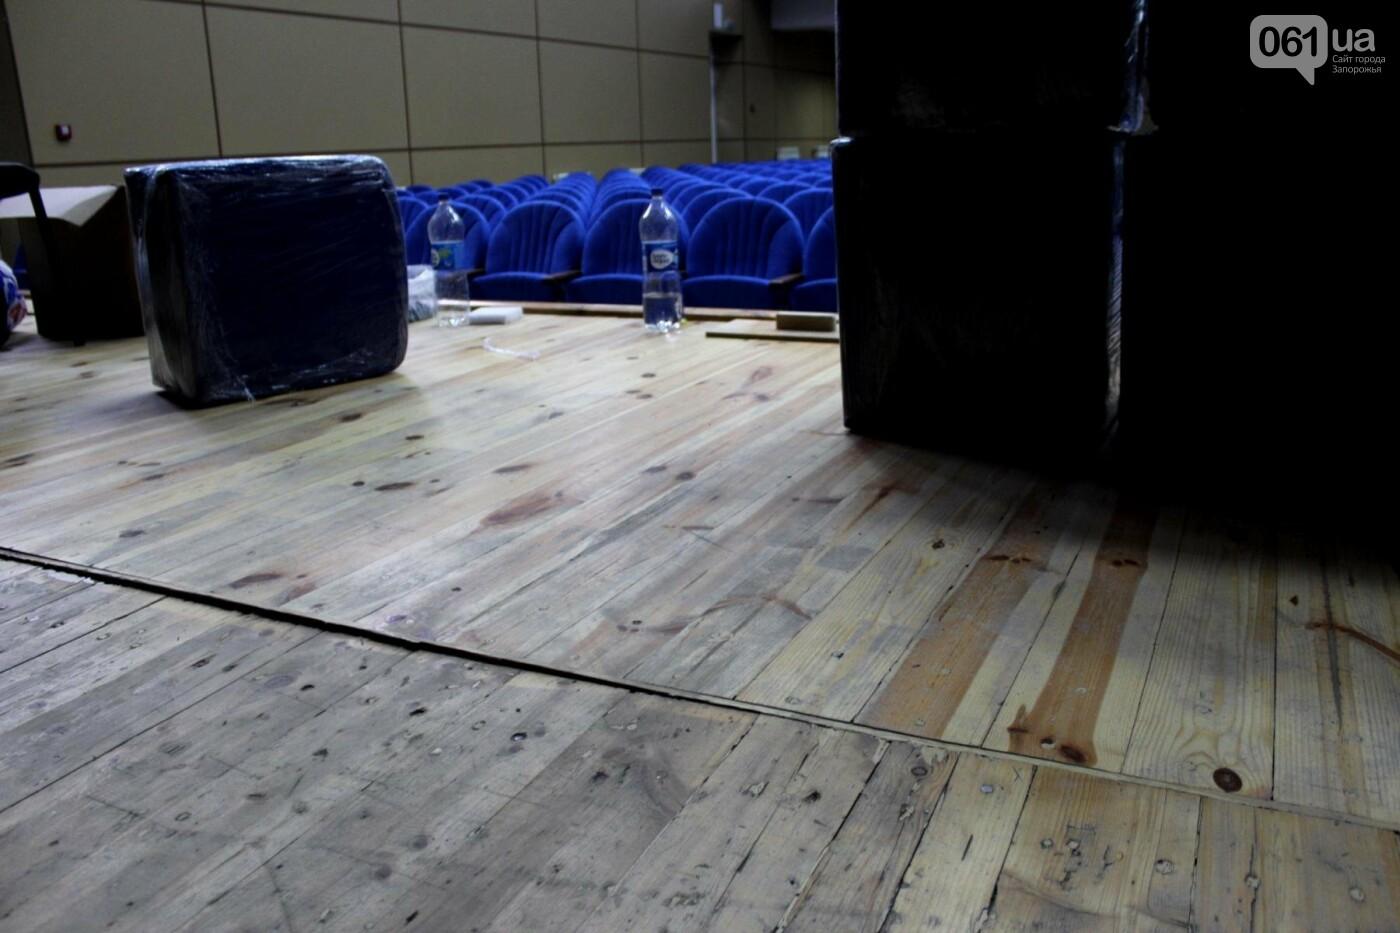 Чем живет запорожский центр молодежи: новый концертный зал, коворкинг и остатки пропагандистского прошлого, - ФОТОРЕПОРТАЖ, фото-10